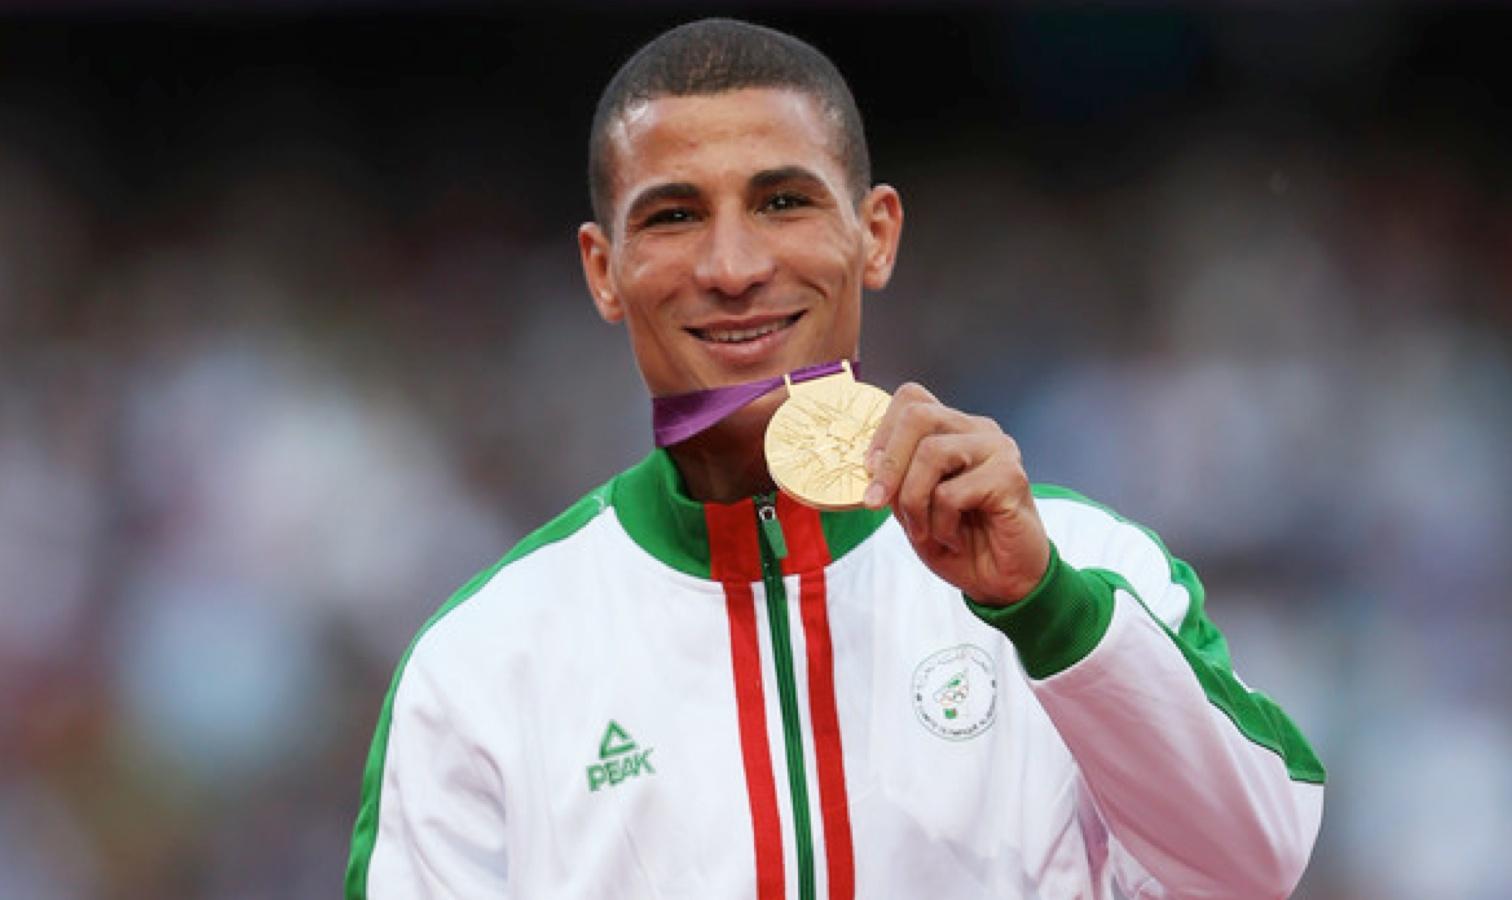 makhloufi medaille d'or londres